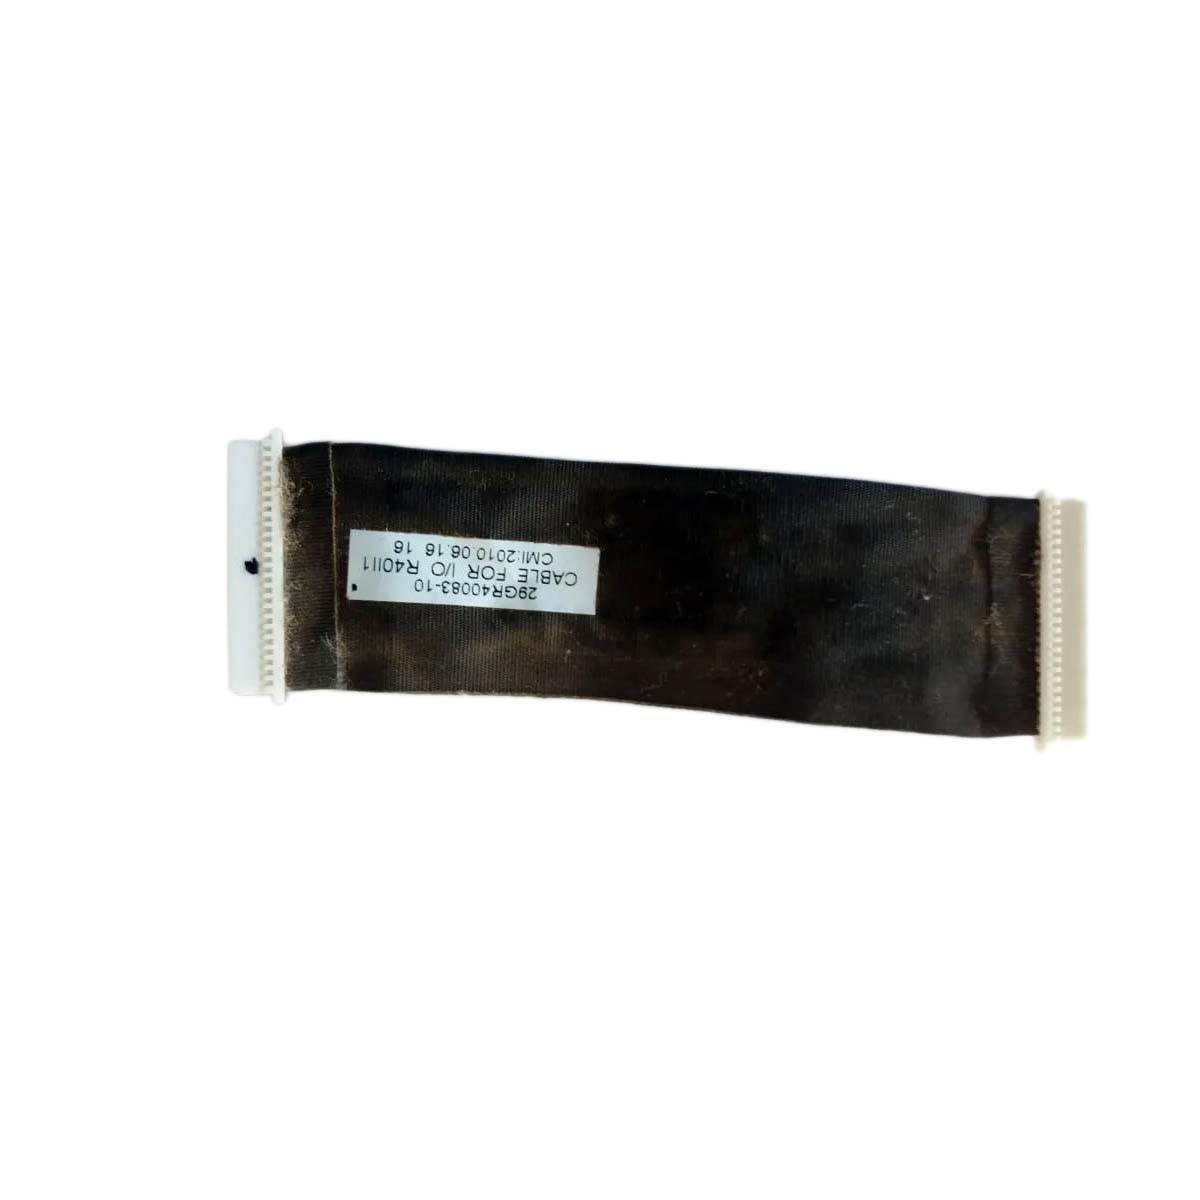 Cabo de Interligação Na Placa Mãe P/ Notebook Sti Is1414 PN:45r-a14001-0102 - Retirado